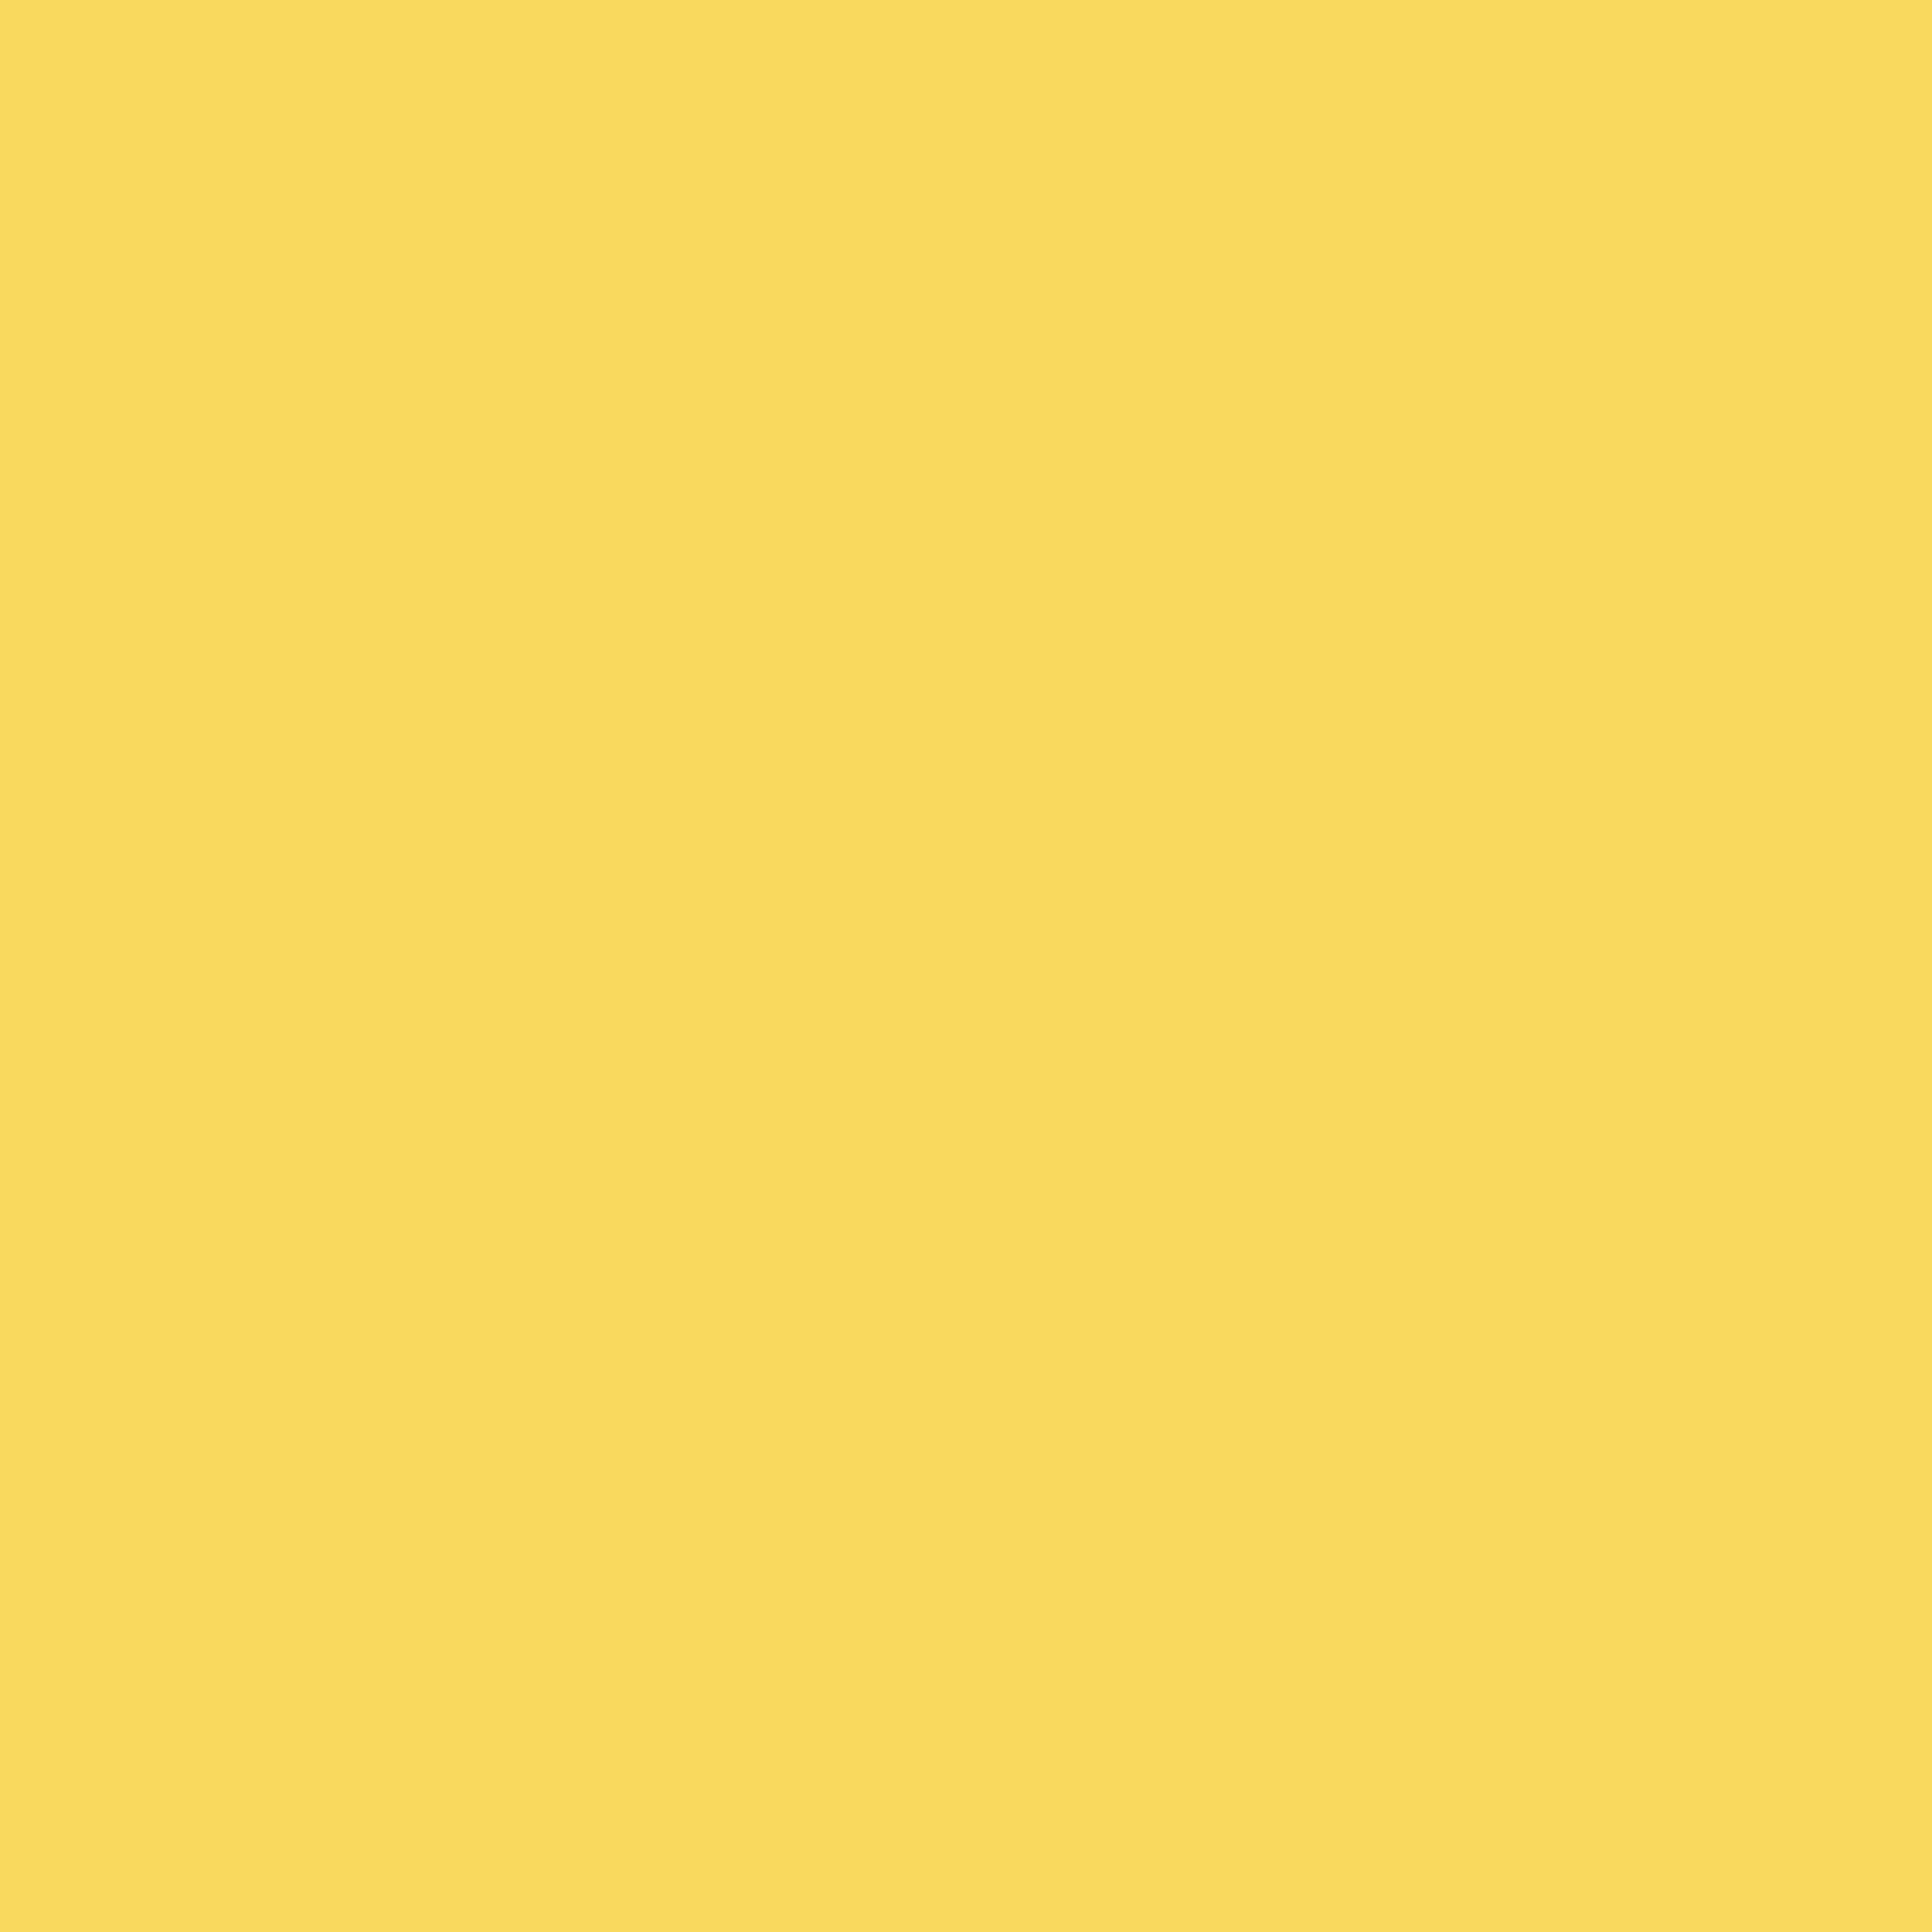 2732x2732 Stil De Grain Yellow Solid Color Background